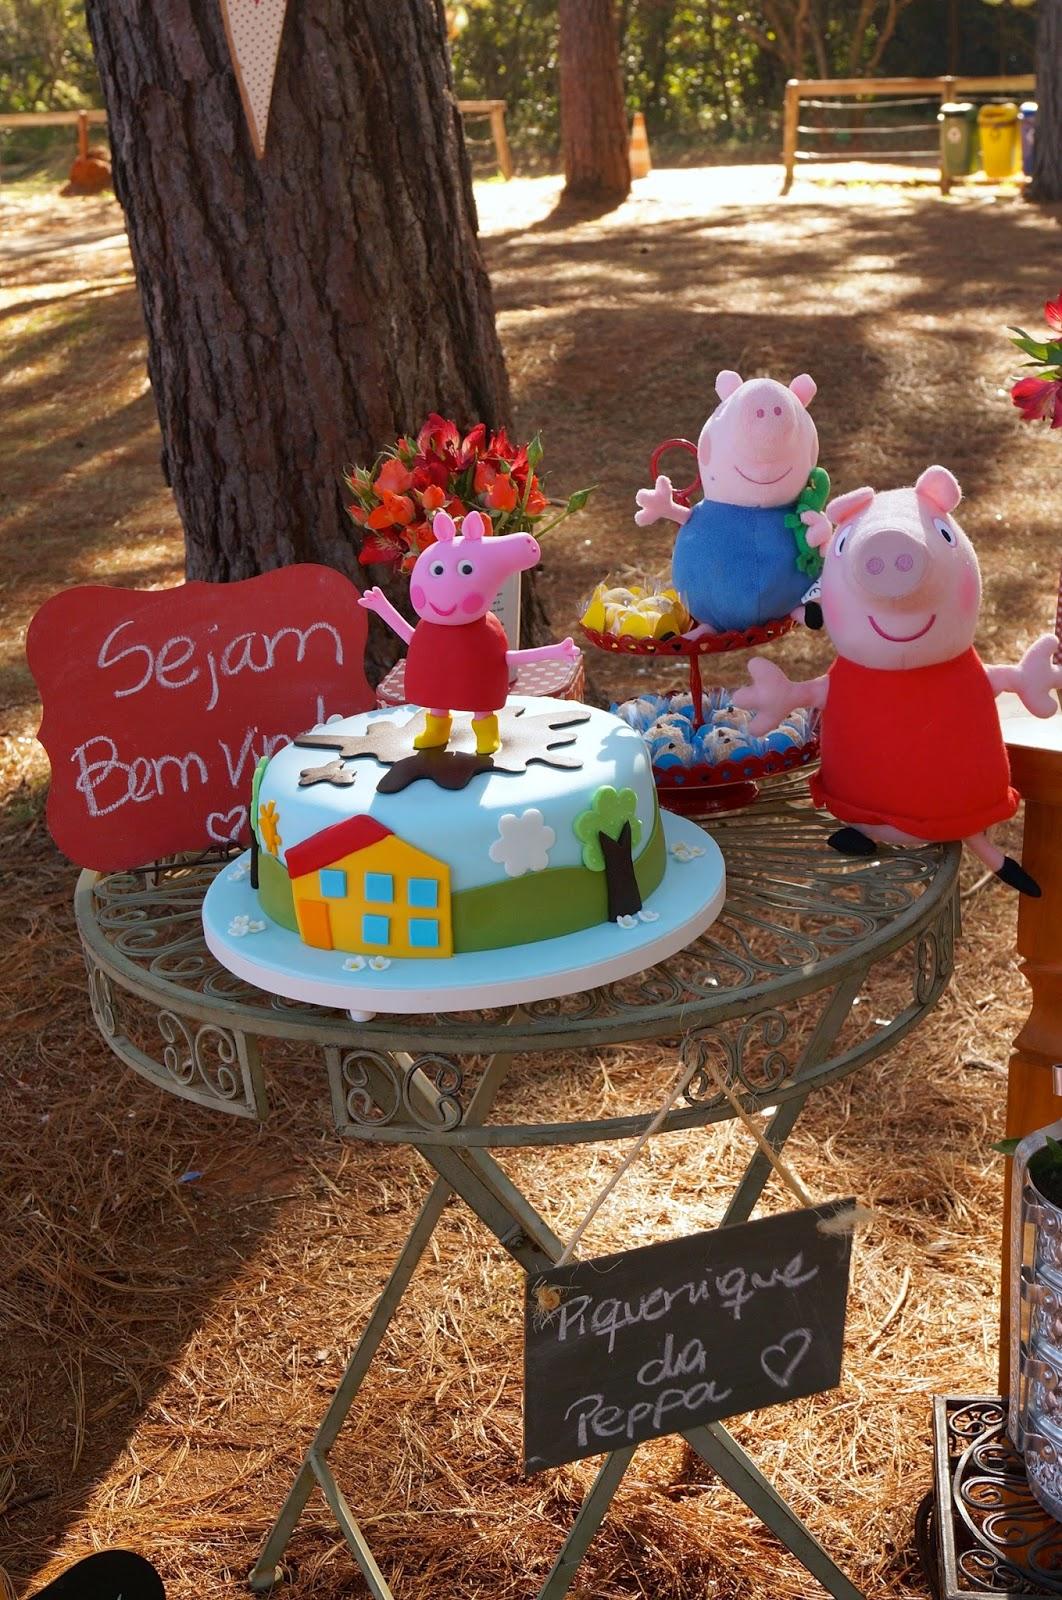 mini jardim botanico:Projetos Inventivos: Piquenique da Peppa Pig no Jardim Botânico